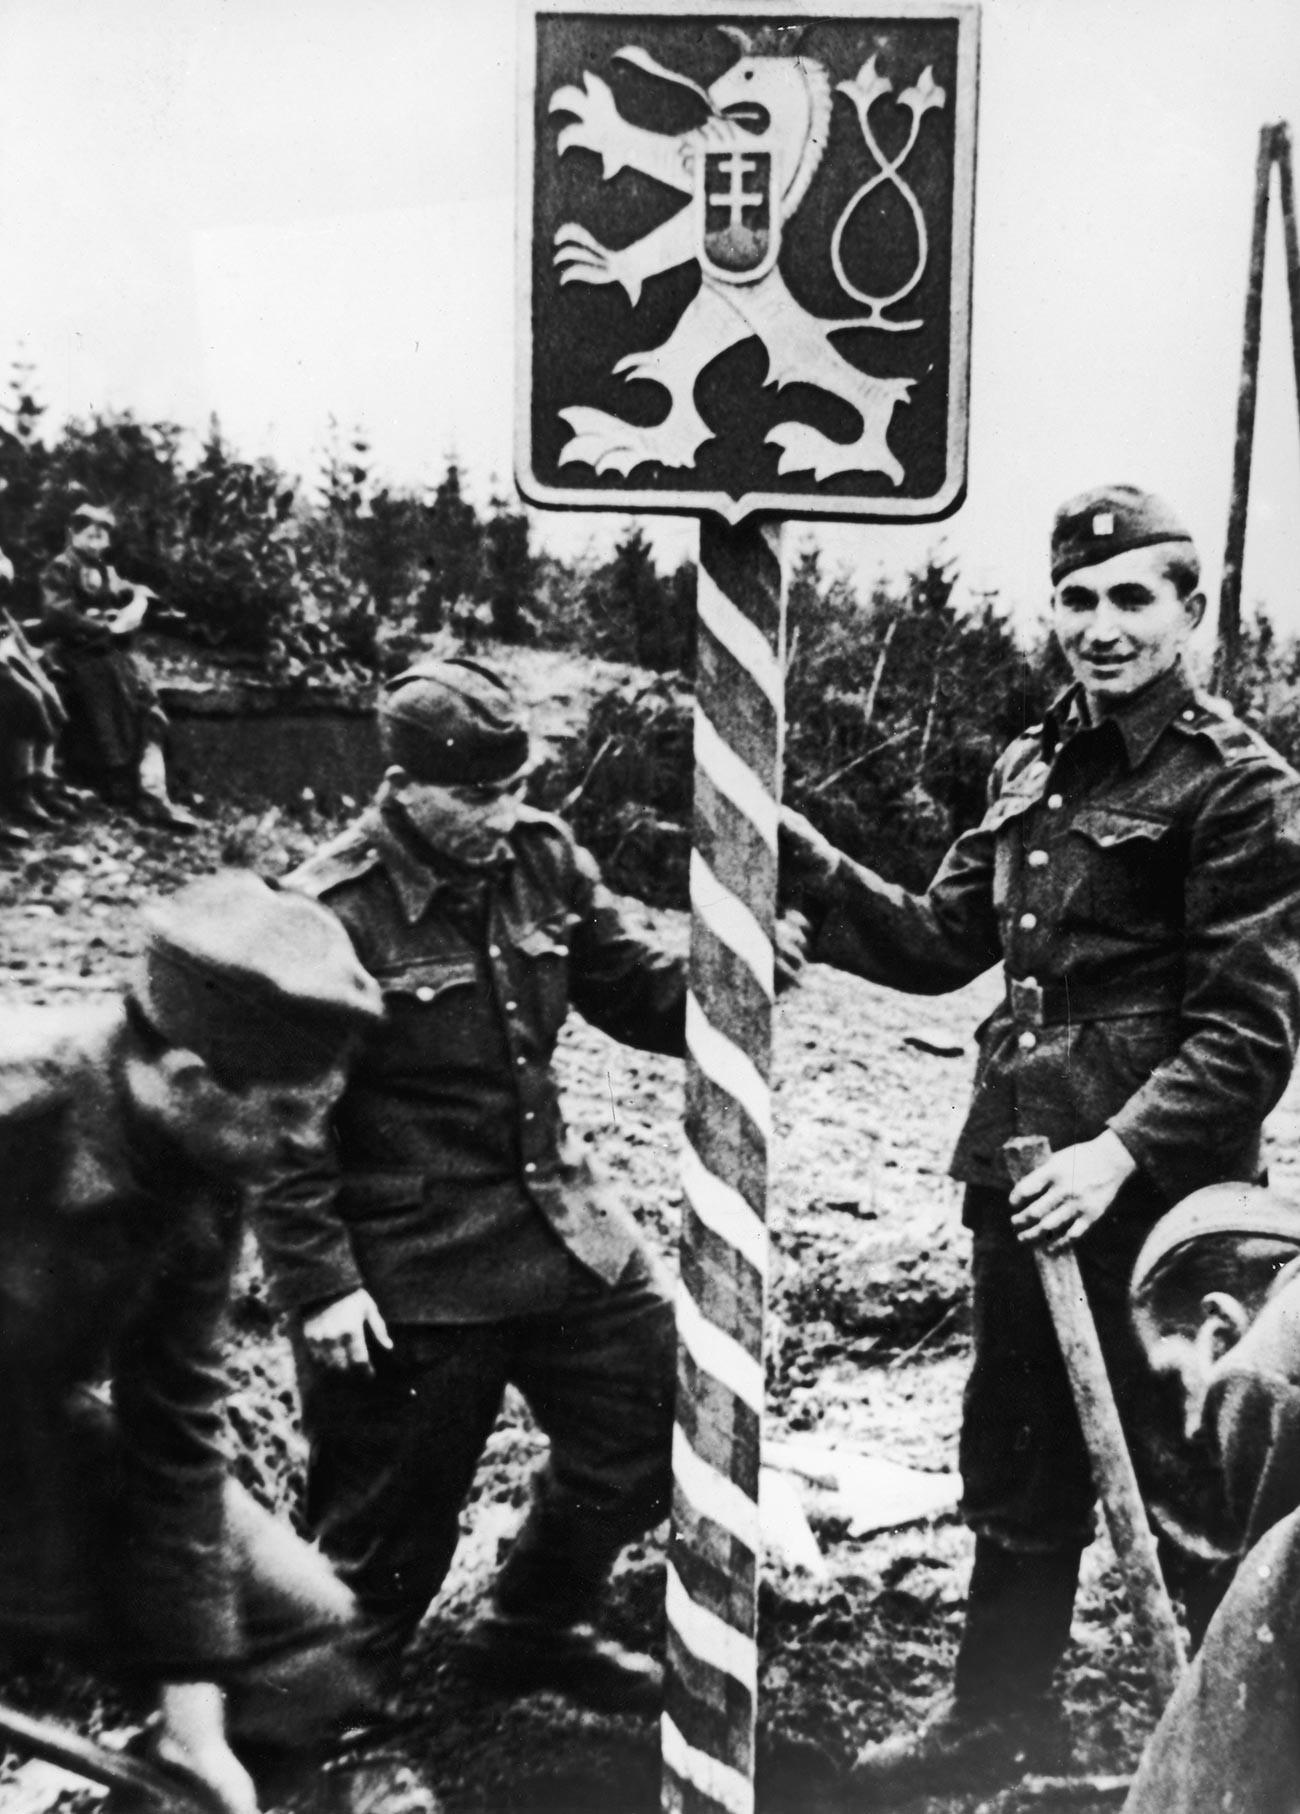 Am 13. Dezember 1944 errichteten tschechische Soldaten in sowjetischen Uniformen in einem befreiten Teil ihres Landes einen neuen Grenzposten in der Nähe des Dukla-Passes.